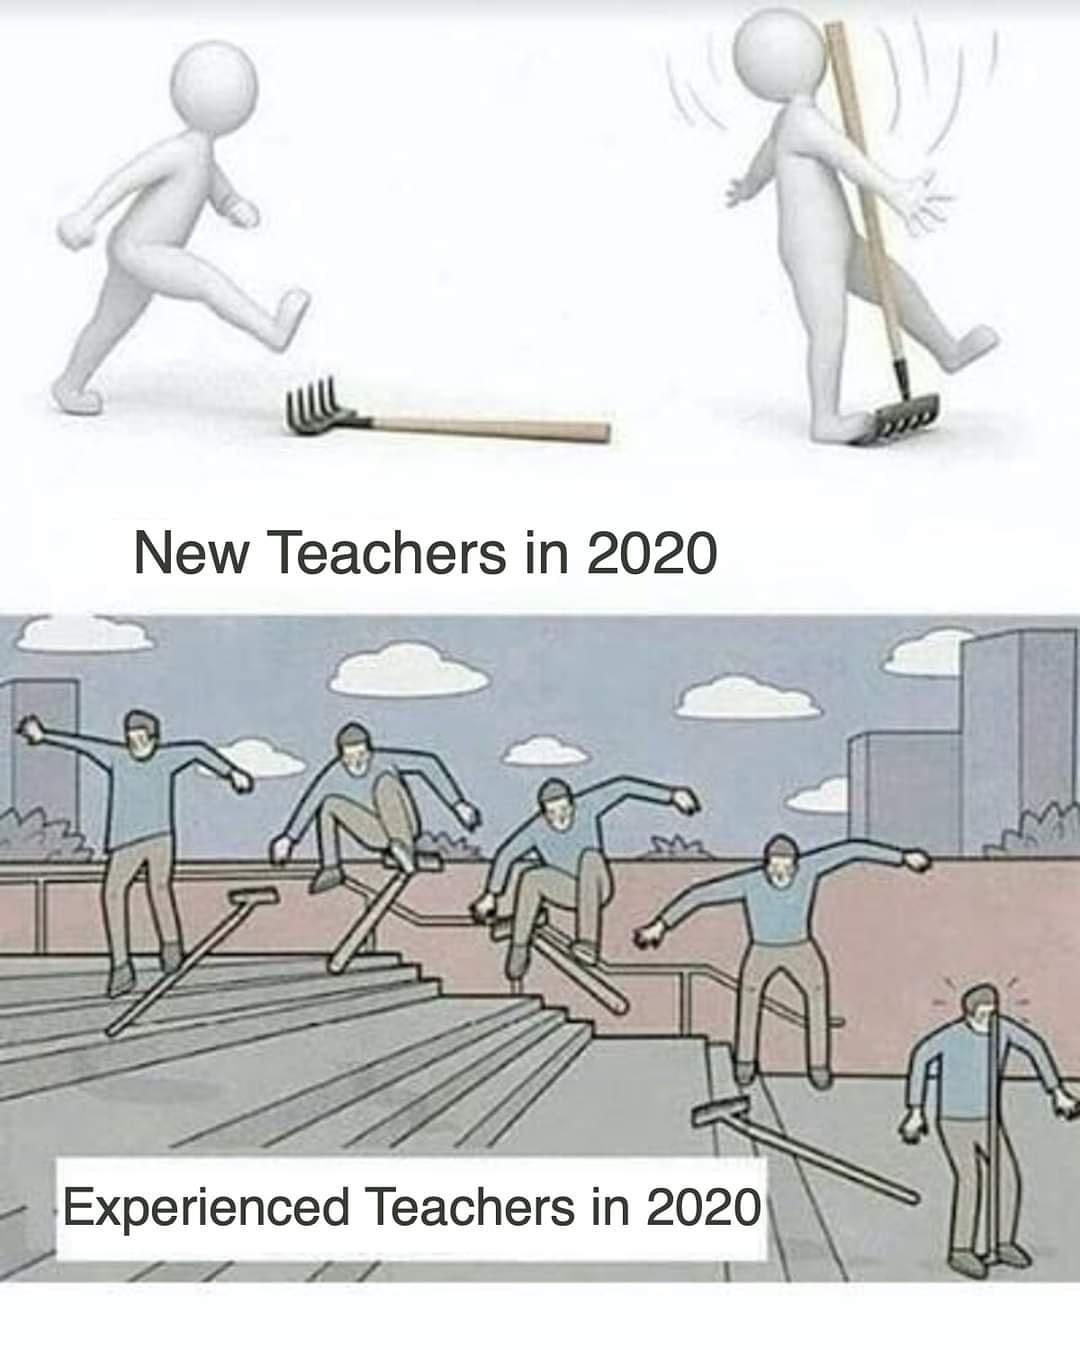 new teachers, experienced teachers 2020